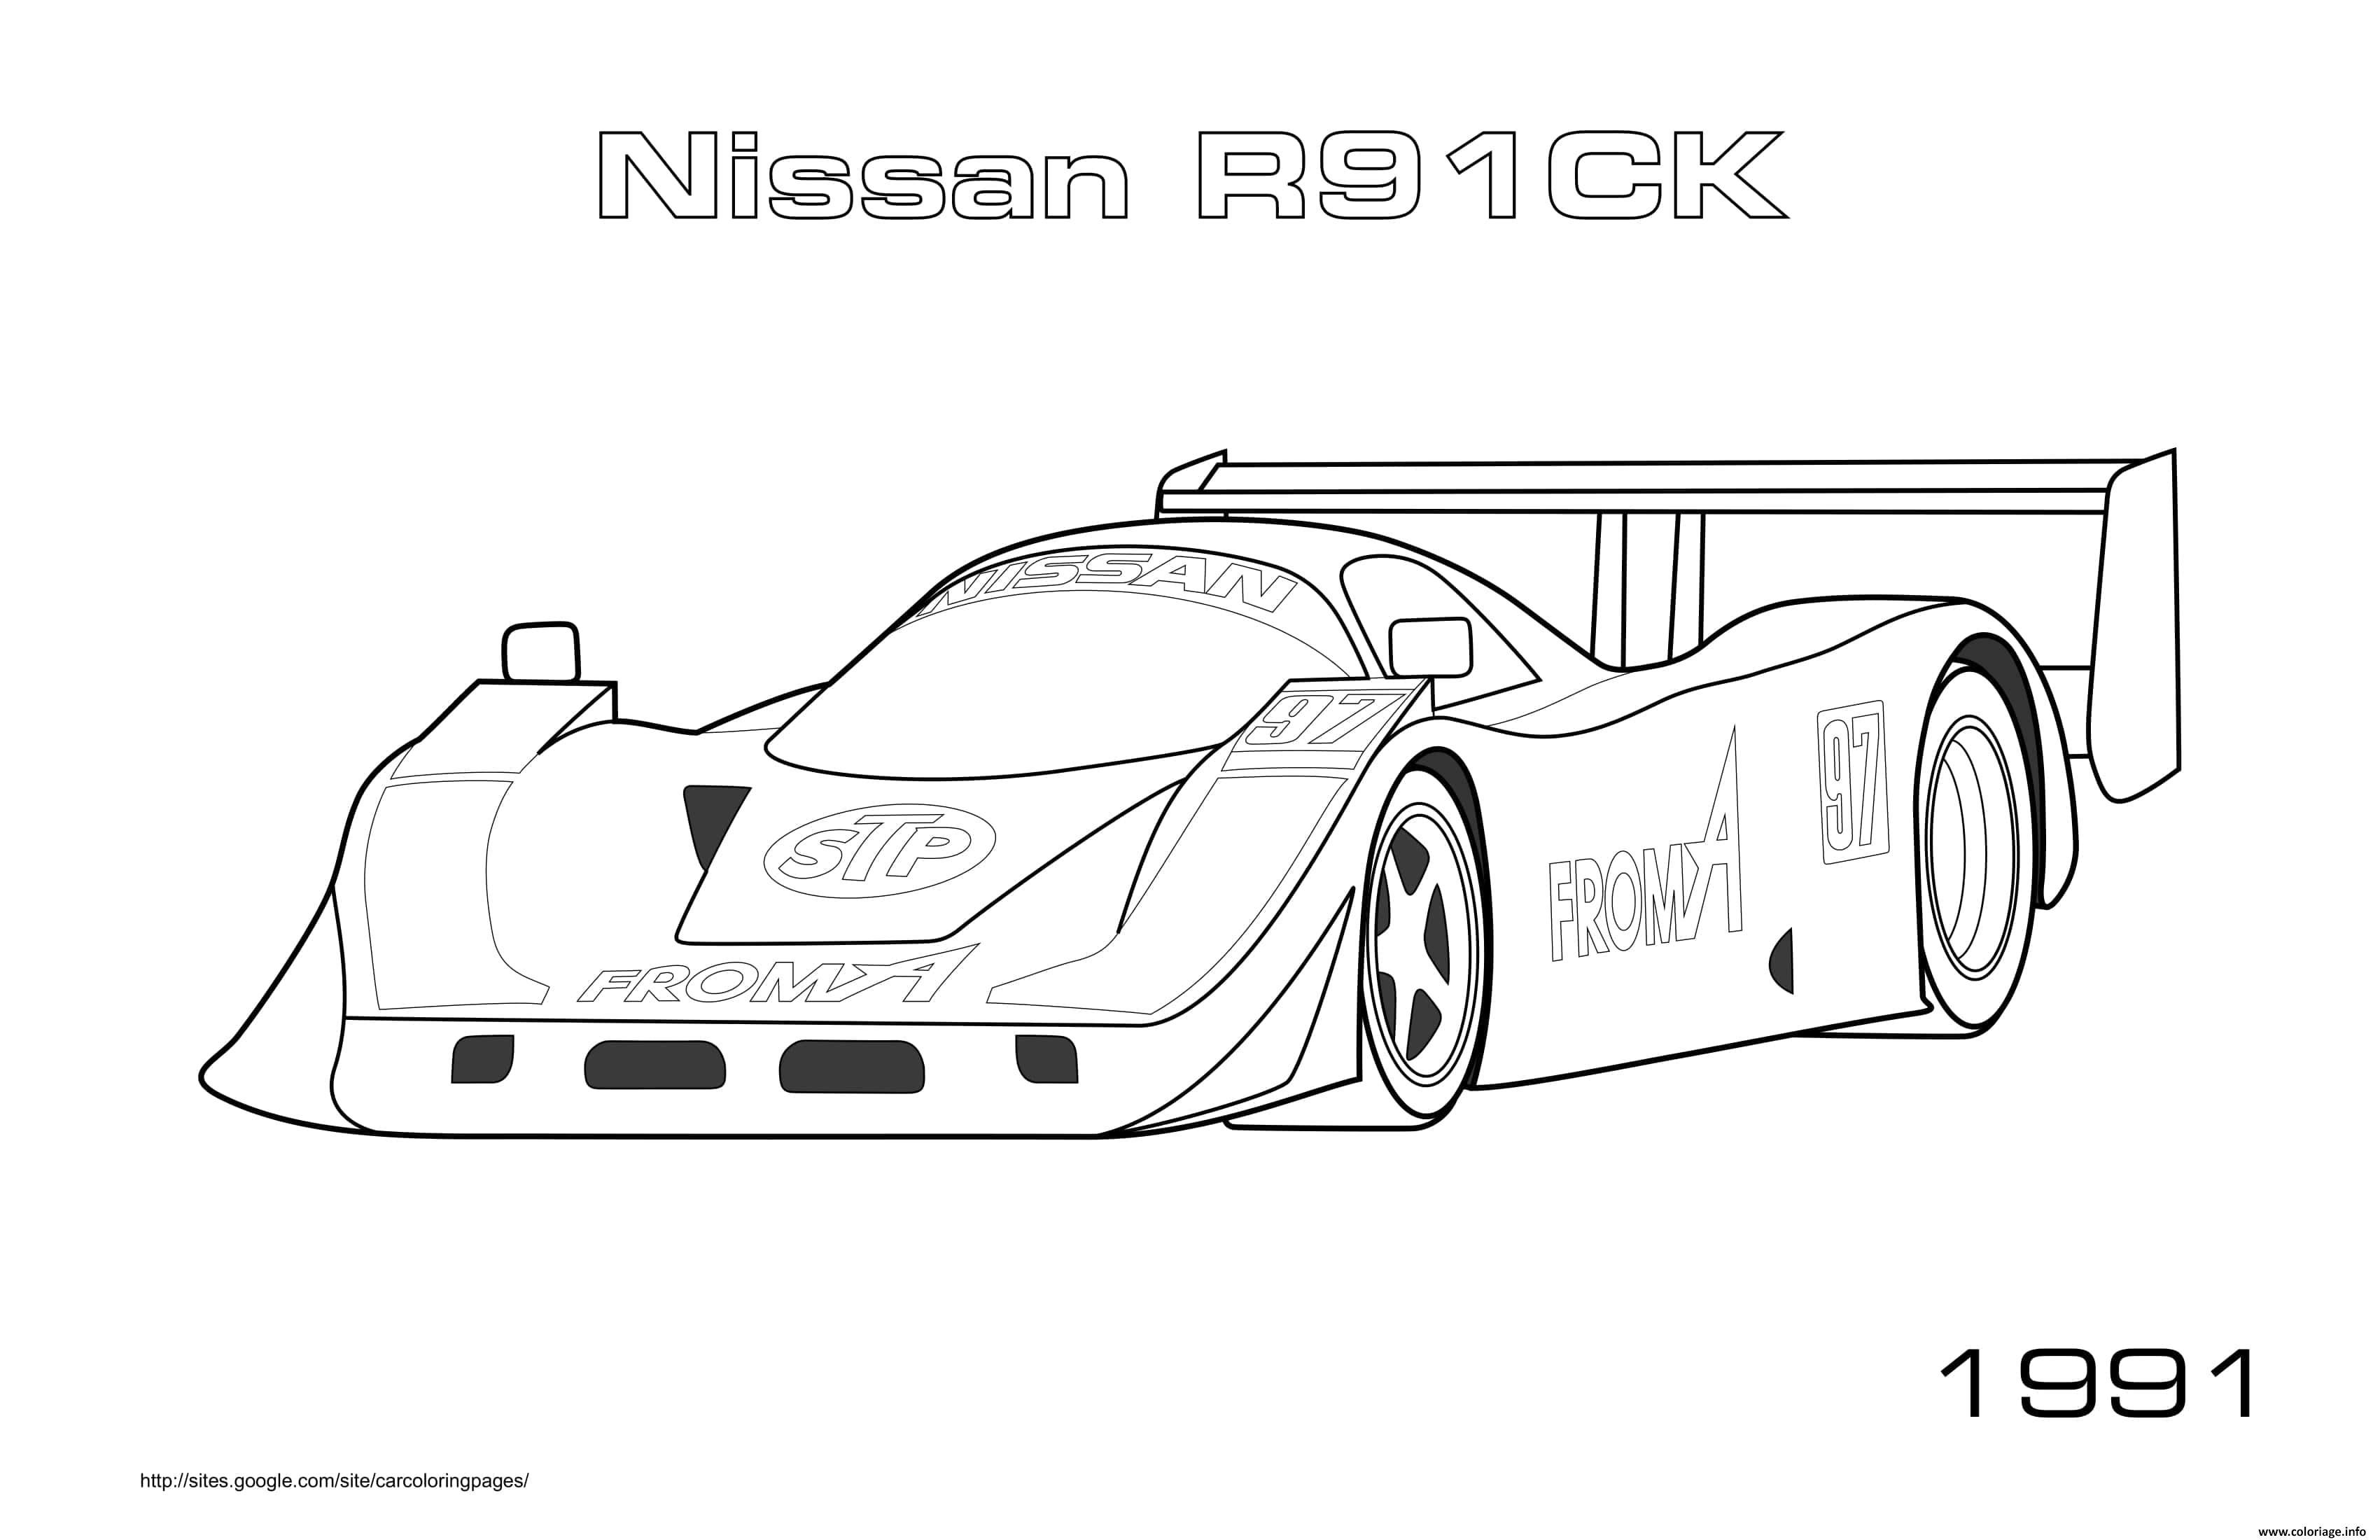 Dessin Nissan R91ck 1991 Coloriage Gratuit à Imprimer